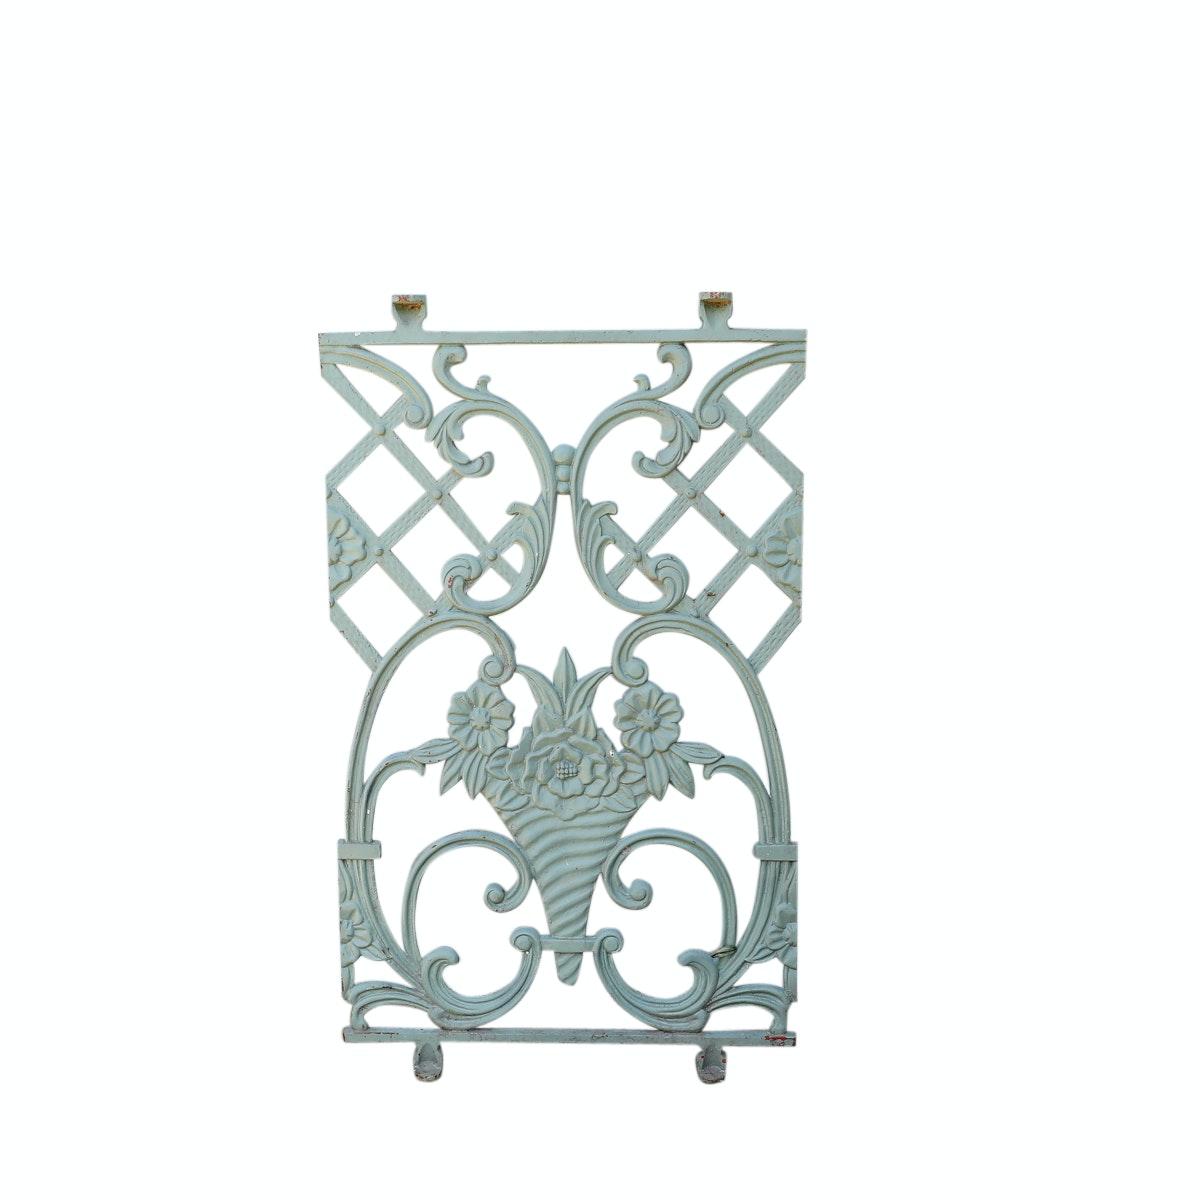 Vintage Decorative Painted Metal Grate